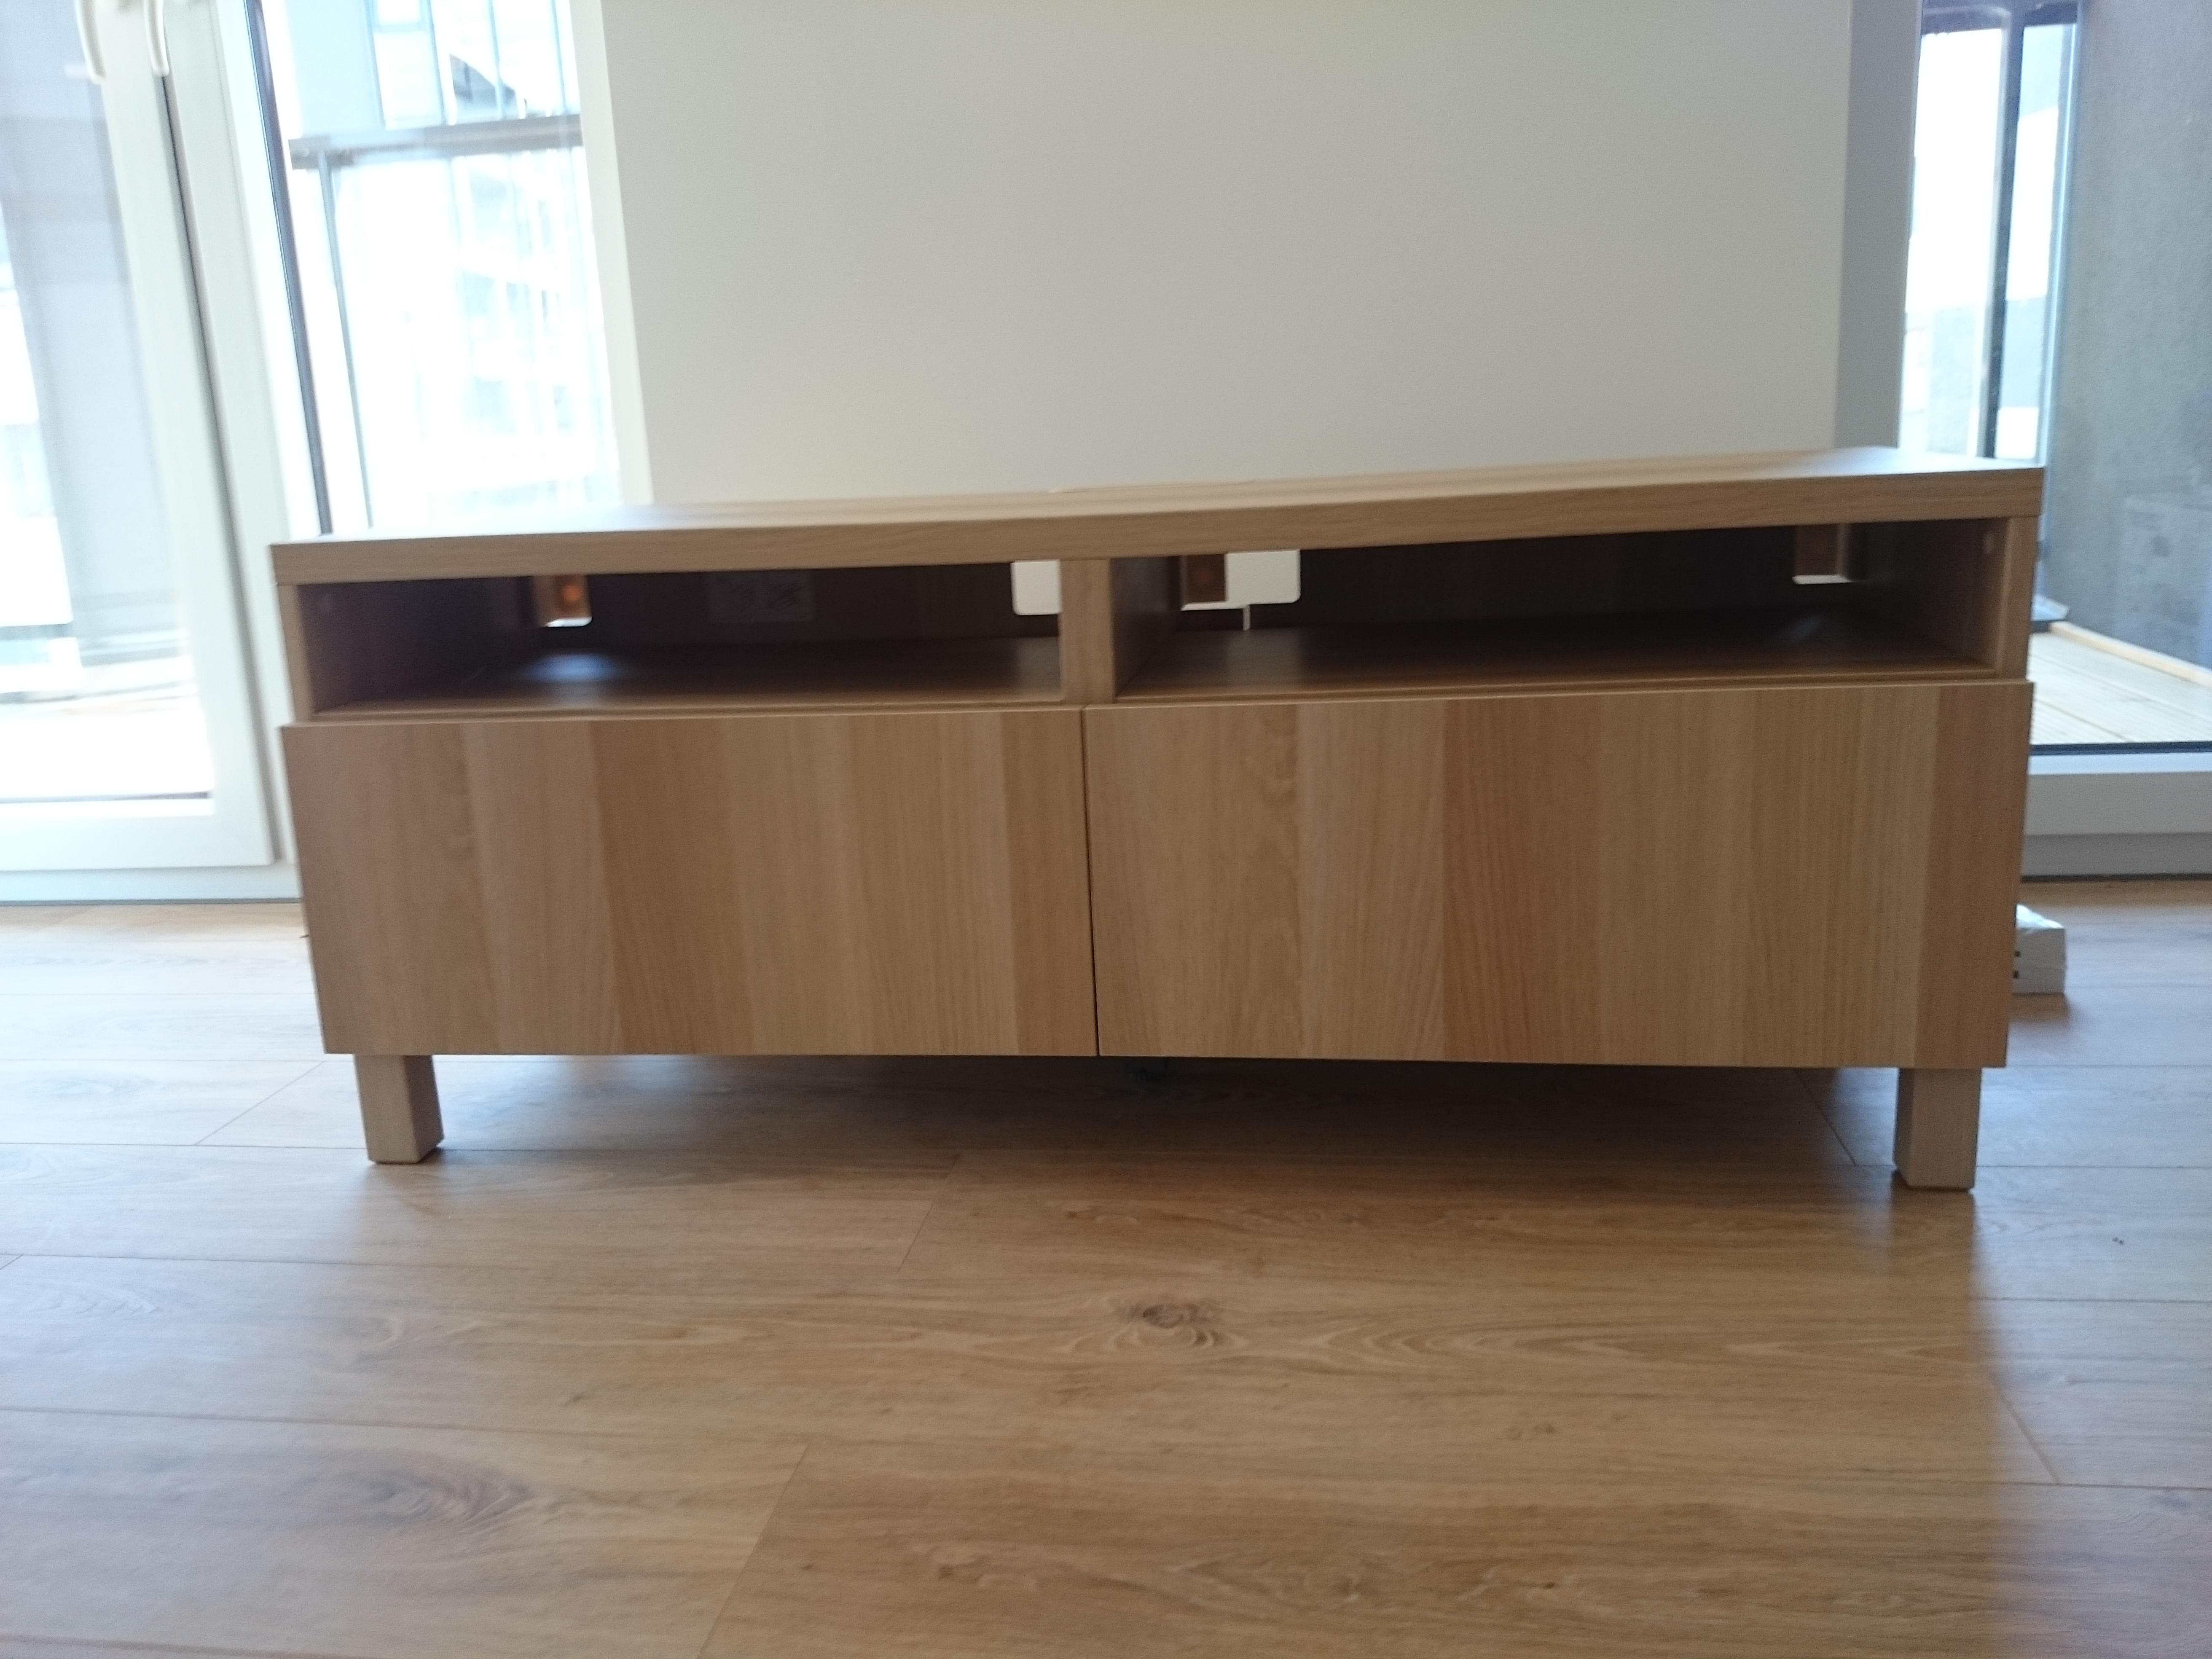 Montaż szafki RTV BESTA IKEA kolor dąb bejcowany na biało